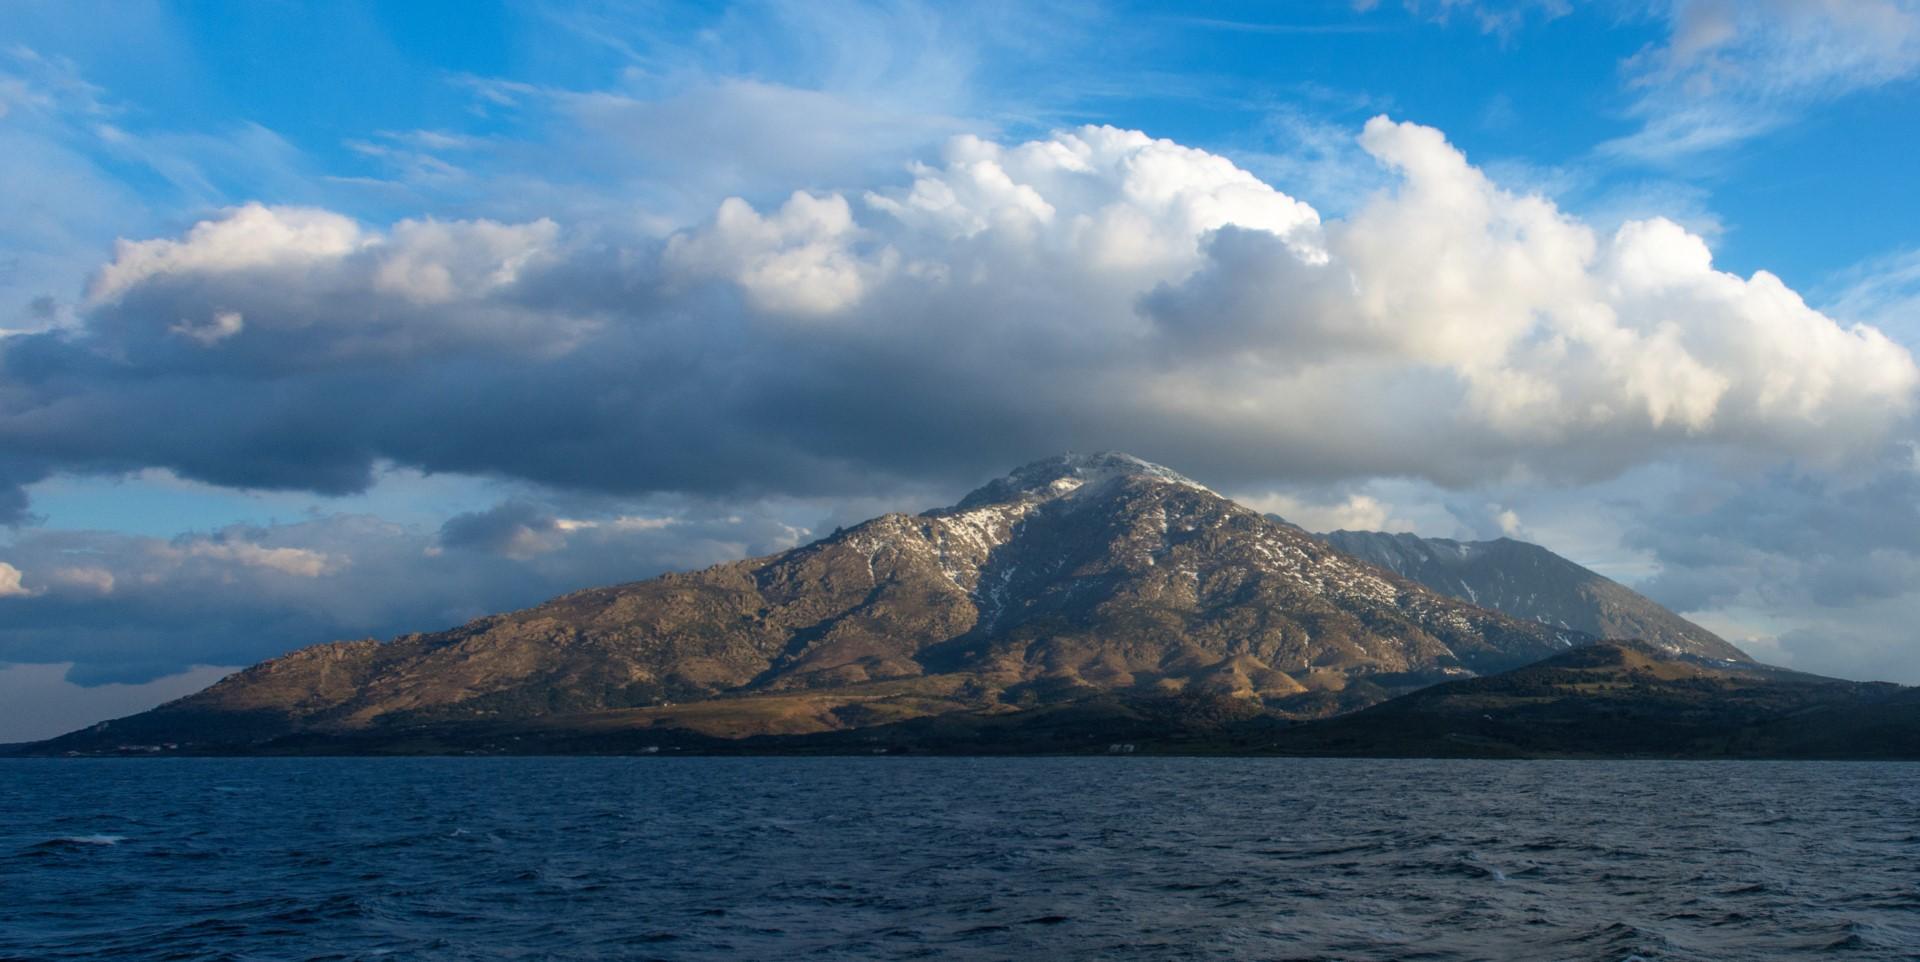 Samothraki Island-Evros Region//Σαμοθράκη - Έβρος -